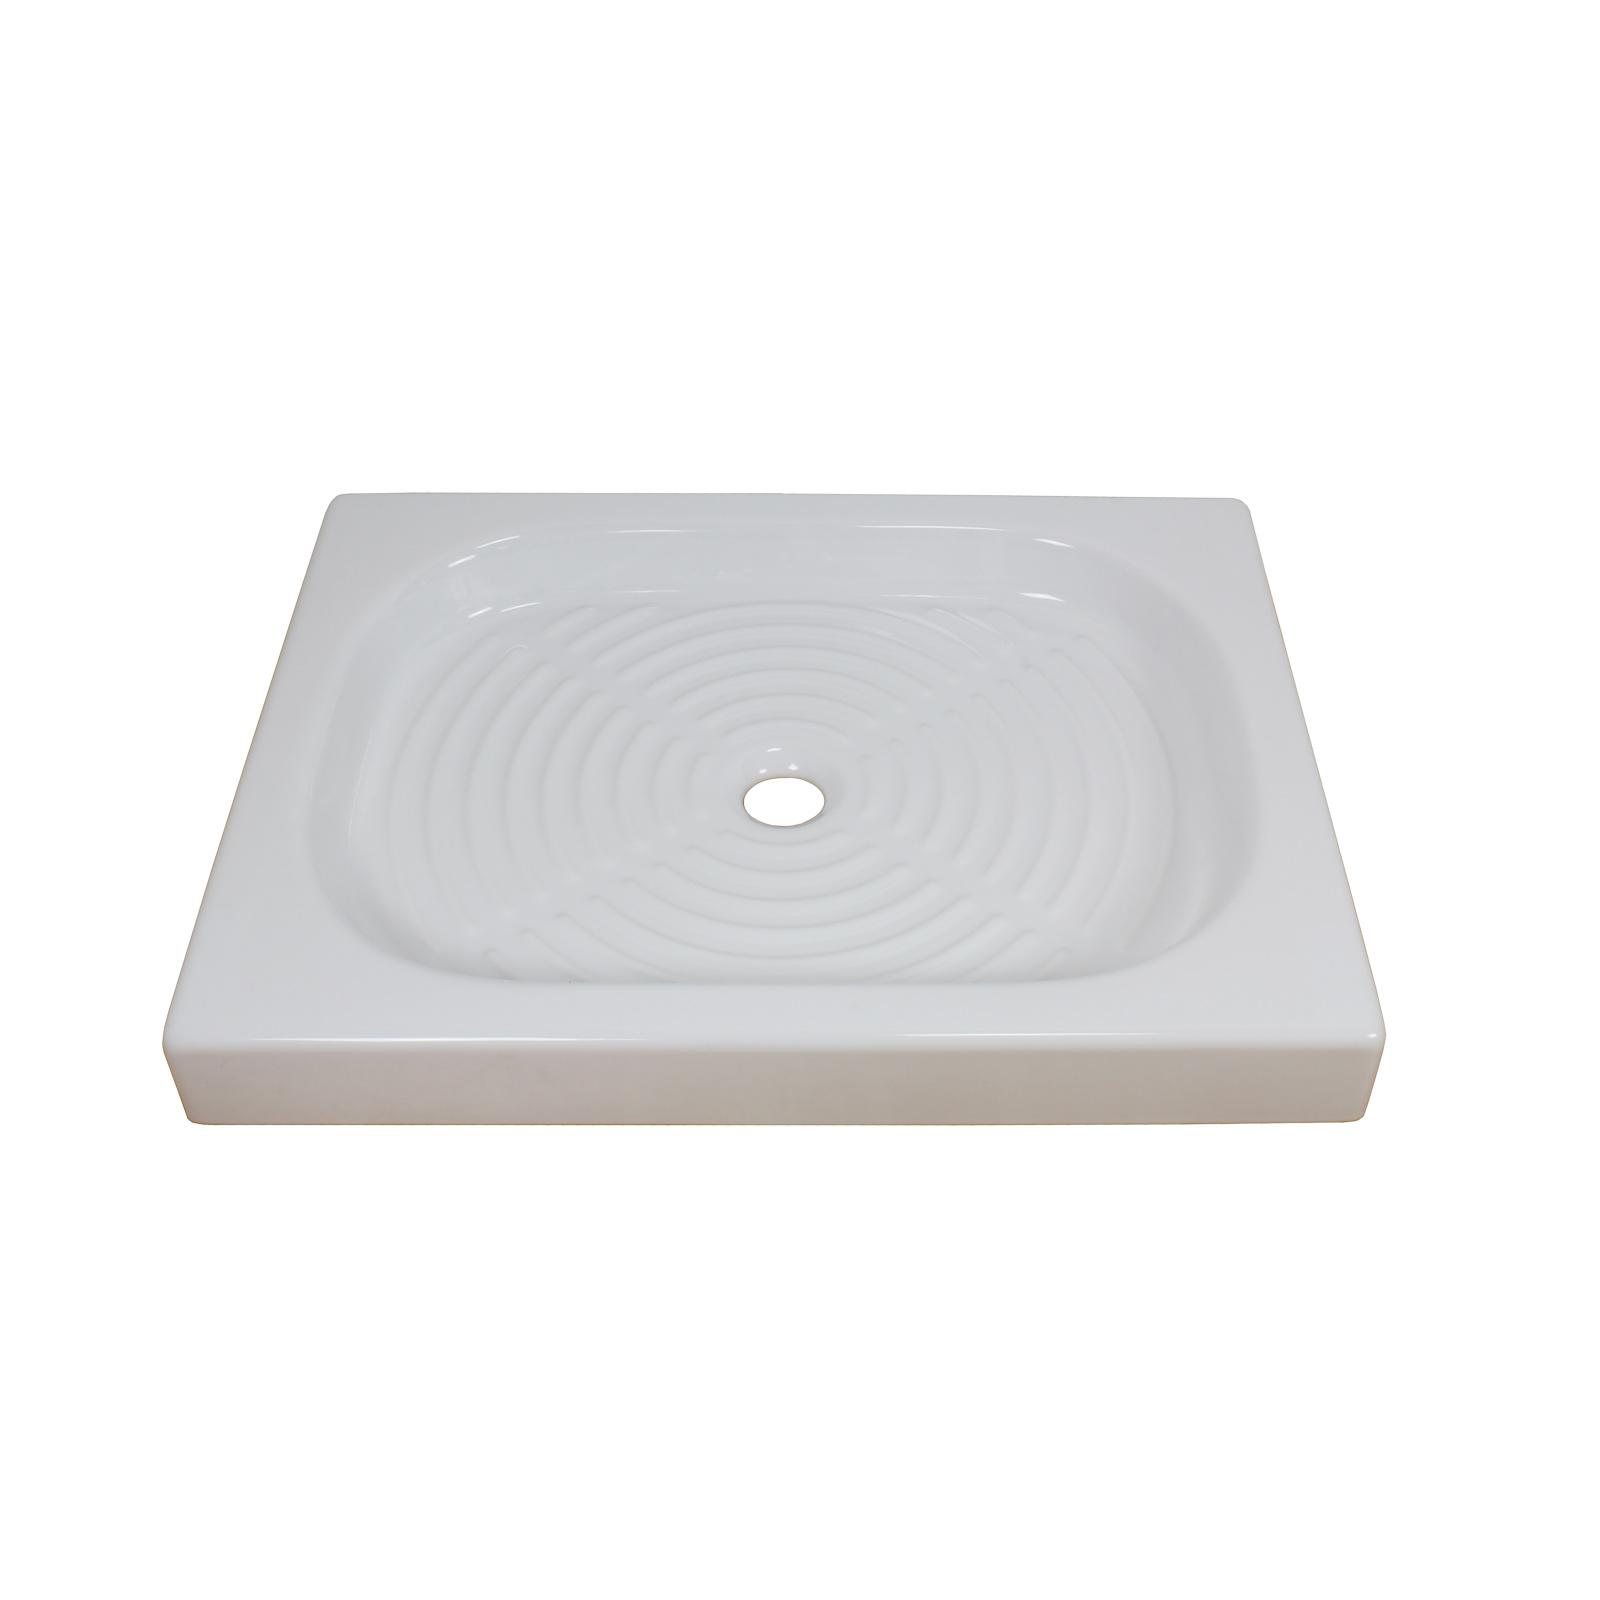 Piatto Doccia 120x80 In Ceramica.Piatto Doccia Misure 80x60 Ceramica